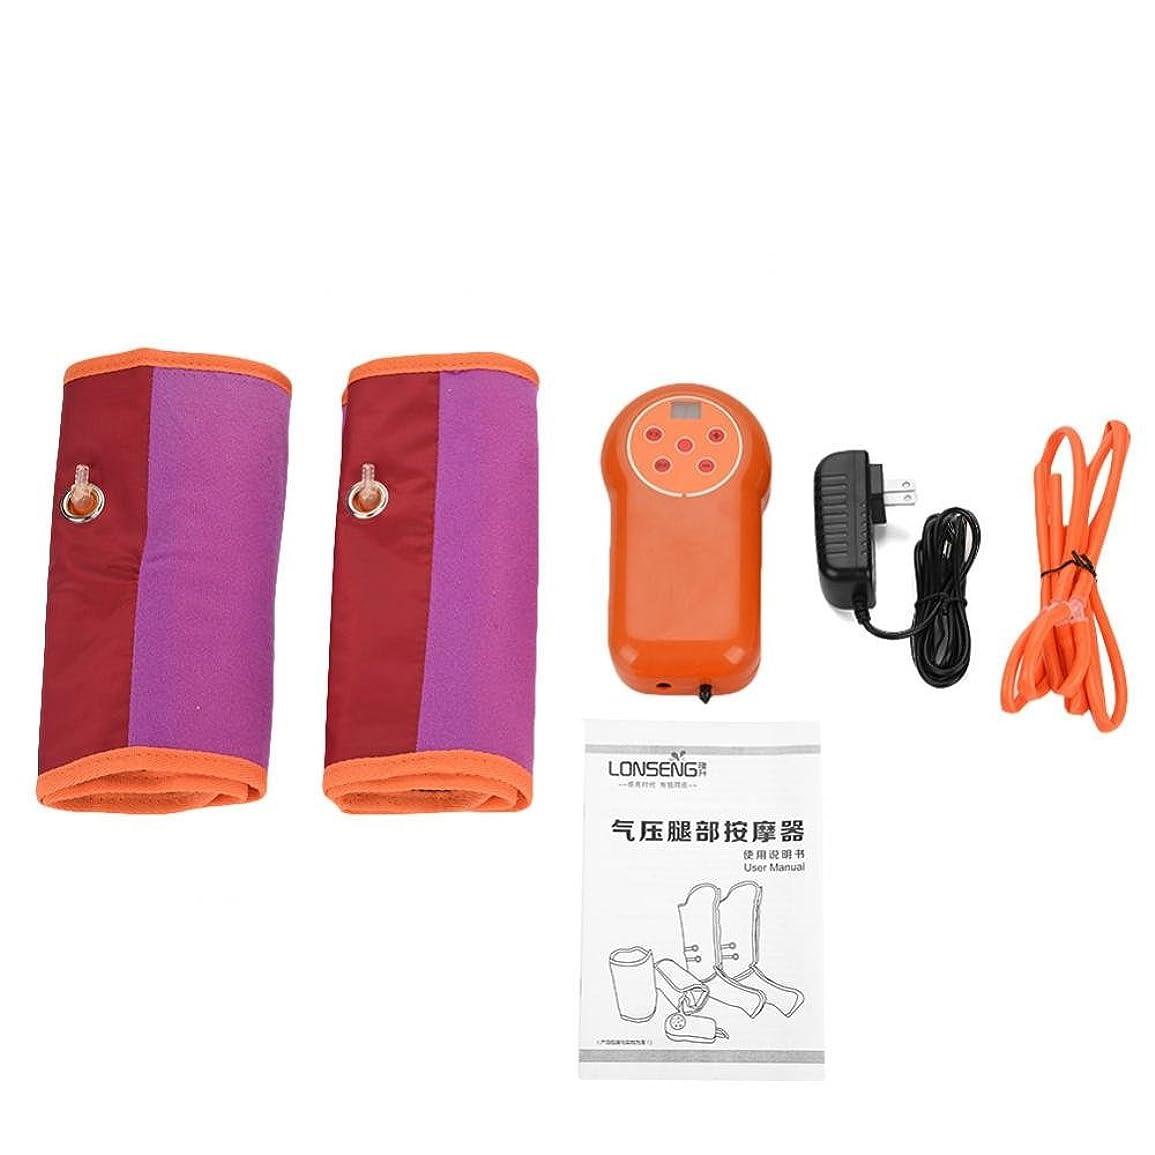 数学隔離読書空気圧縮マッサージ、タイミング設定 9レベルモード 調節可能な腕マッサージャー 電気サイクル(1)